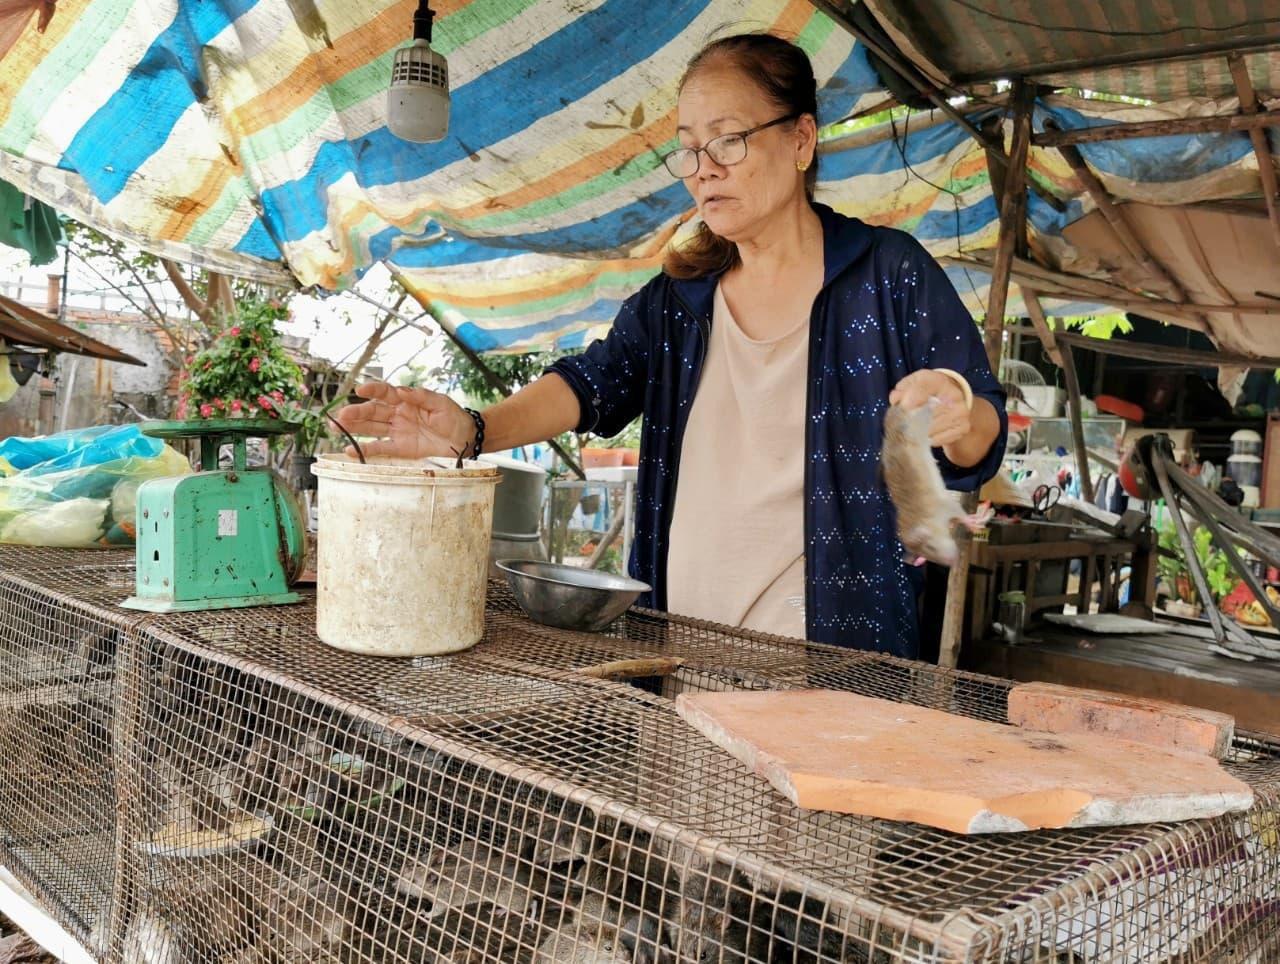 Giá chuột đồng trên cả thịt heo, có thời điểm 120.000 đồng/kg